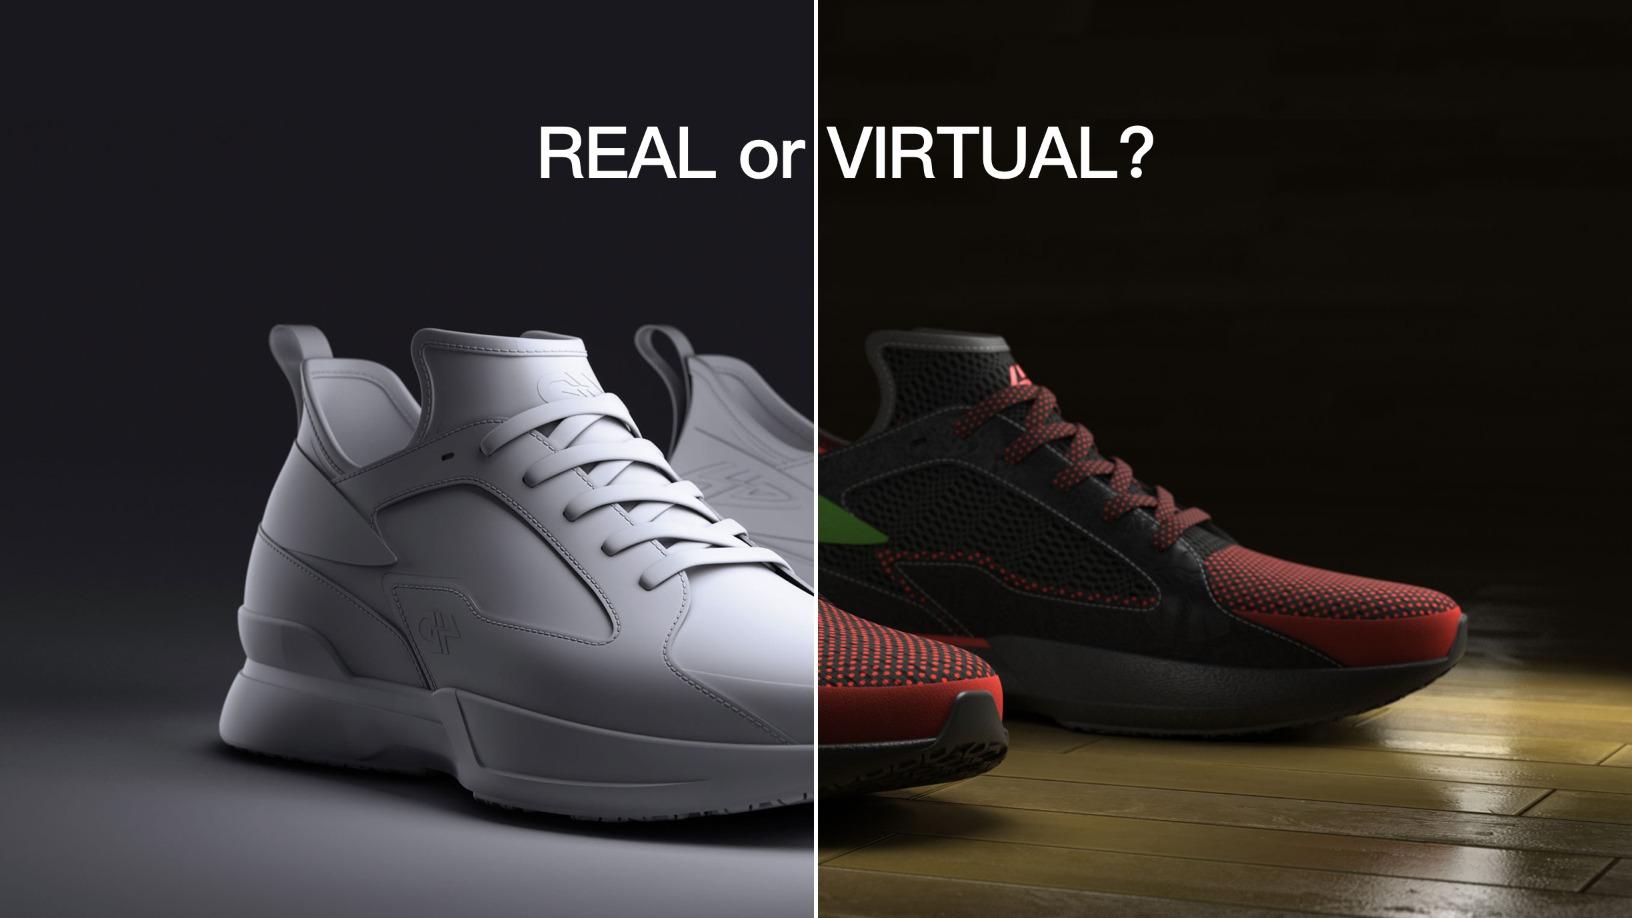 4D ShoeTech: Digital design platform helps shoemakers to slash production time by over 60%